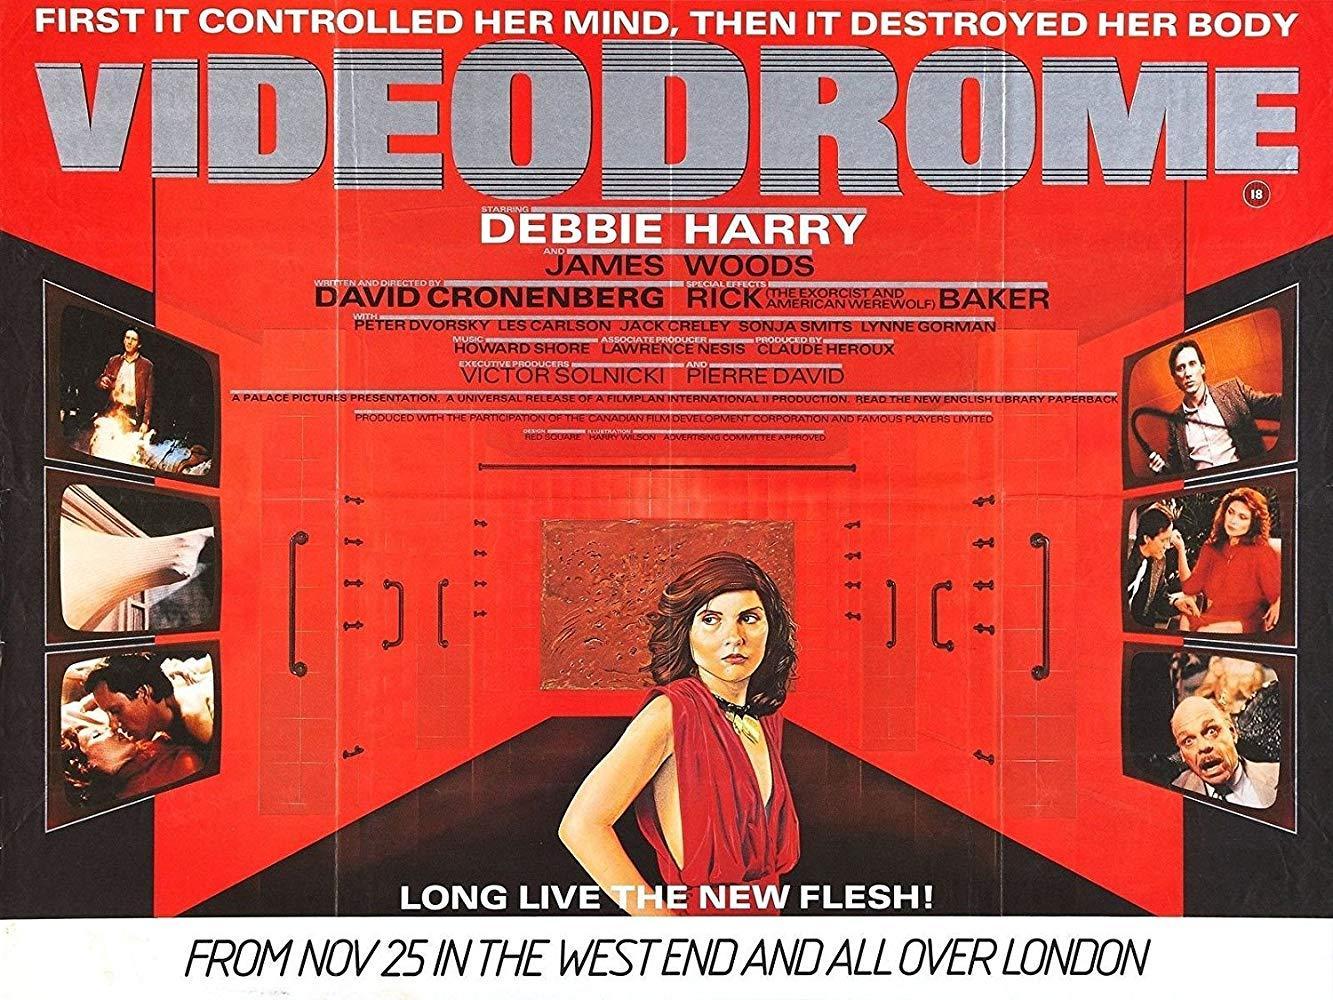 فيلم Videodrome 1983 مترجم